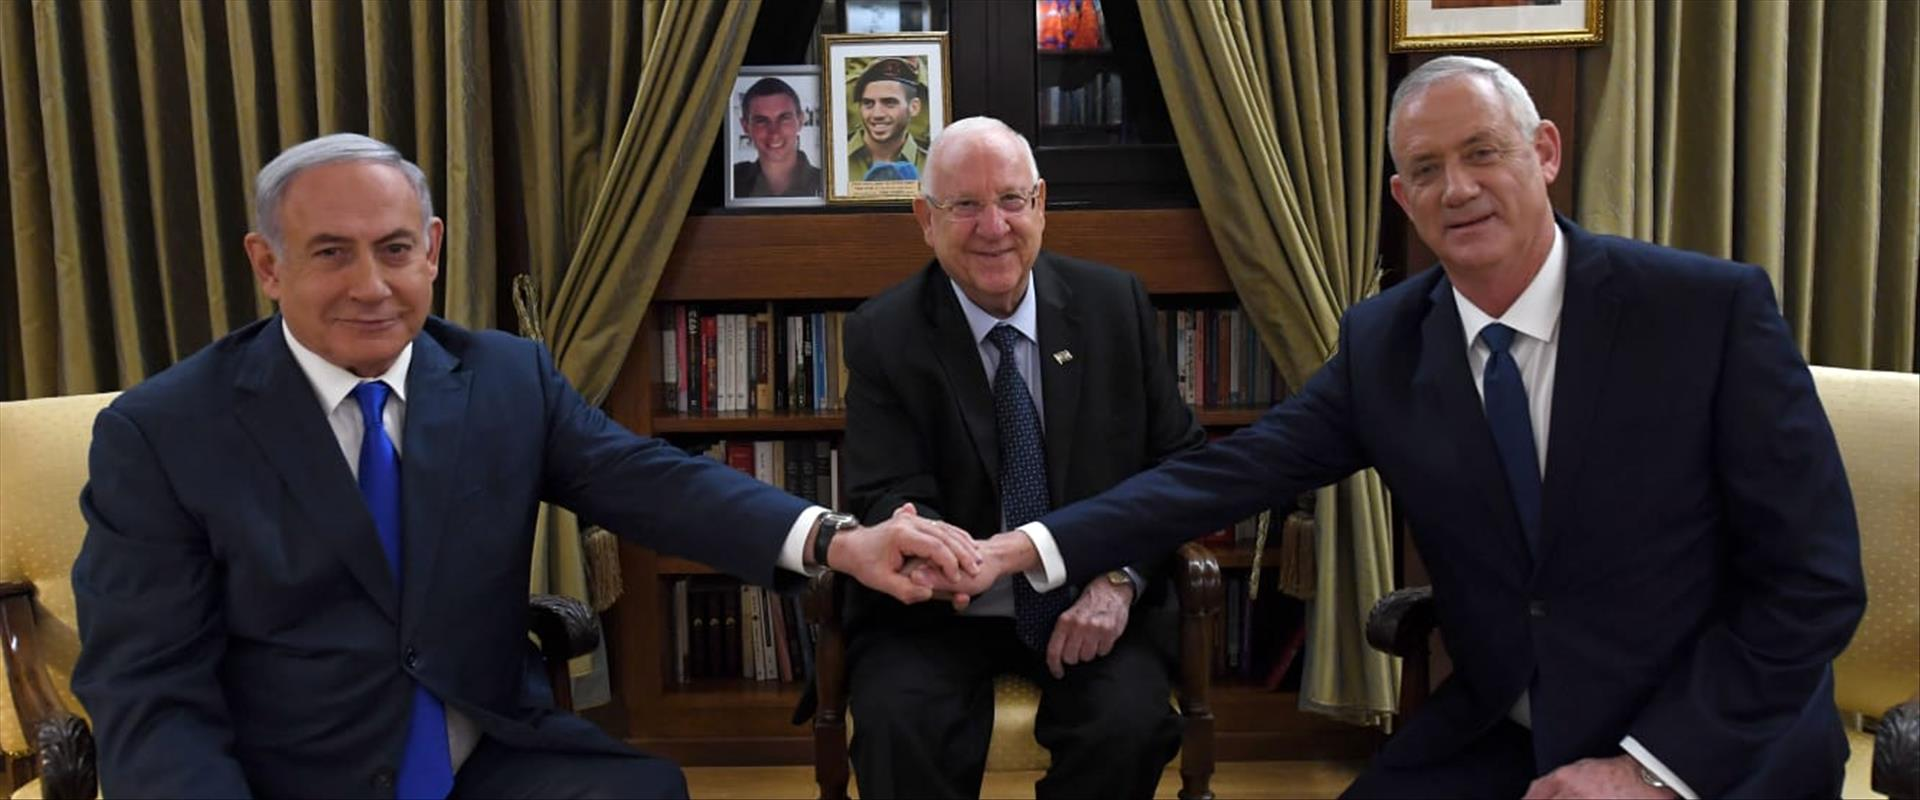 בני גנץ, בנימין נתניהו וראובן ריבלין בפגישה ראשונה